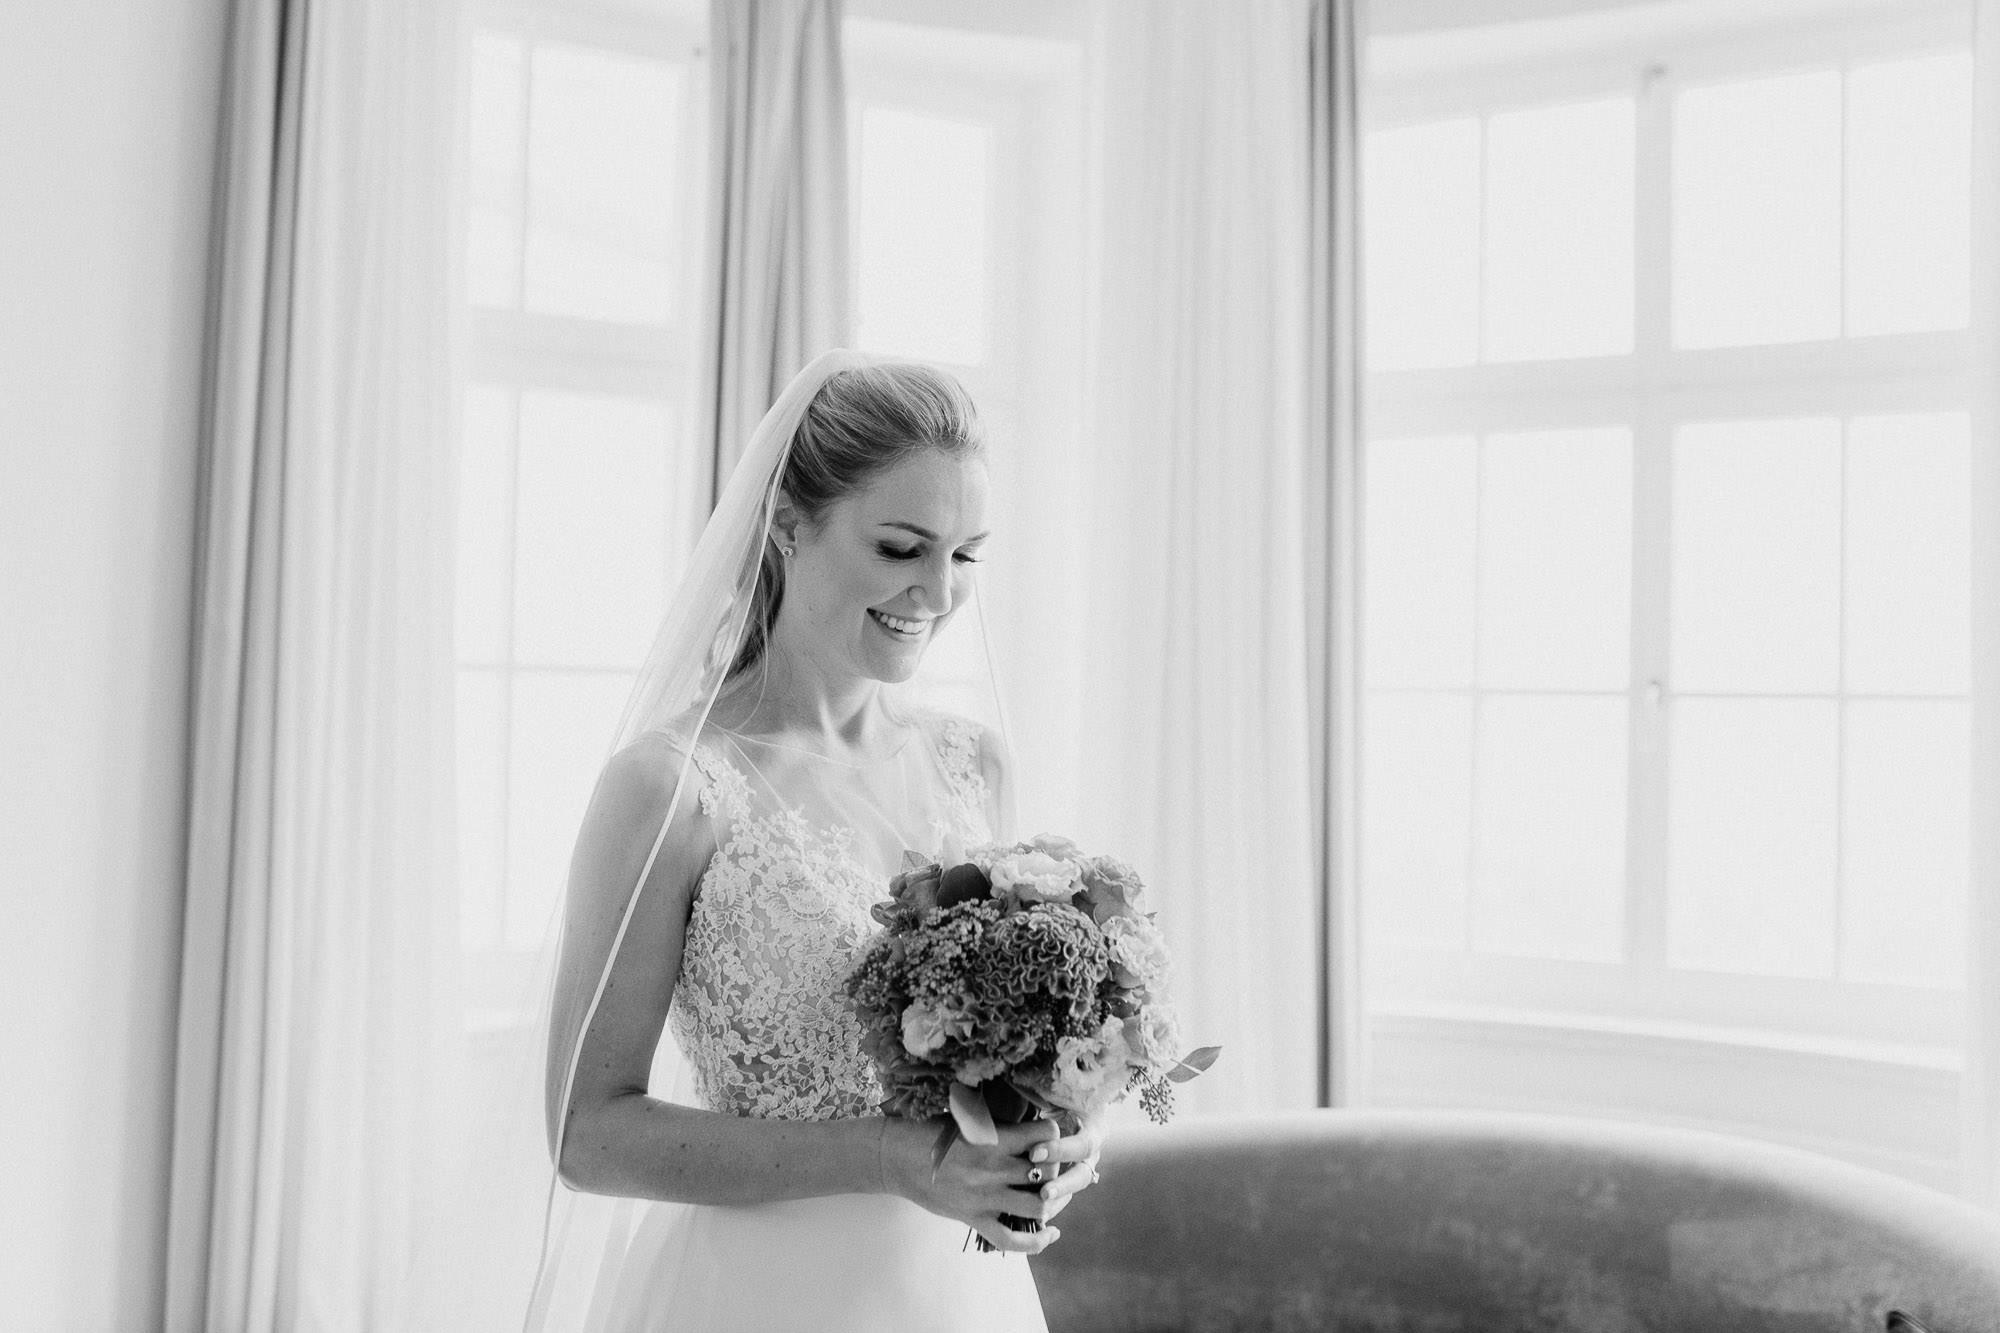 Schwarz Weiß Portrait der Braut